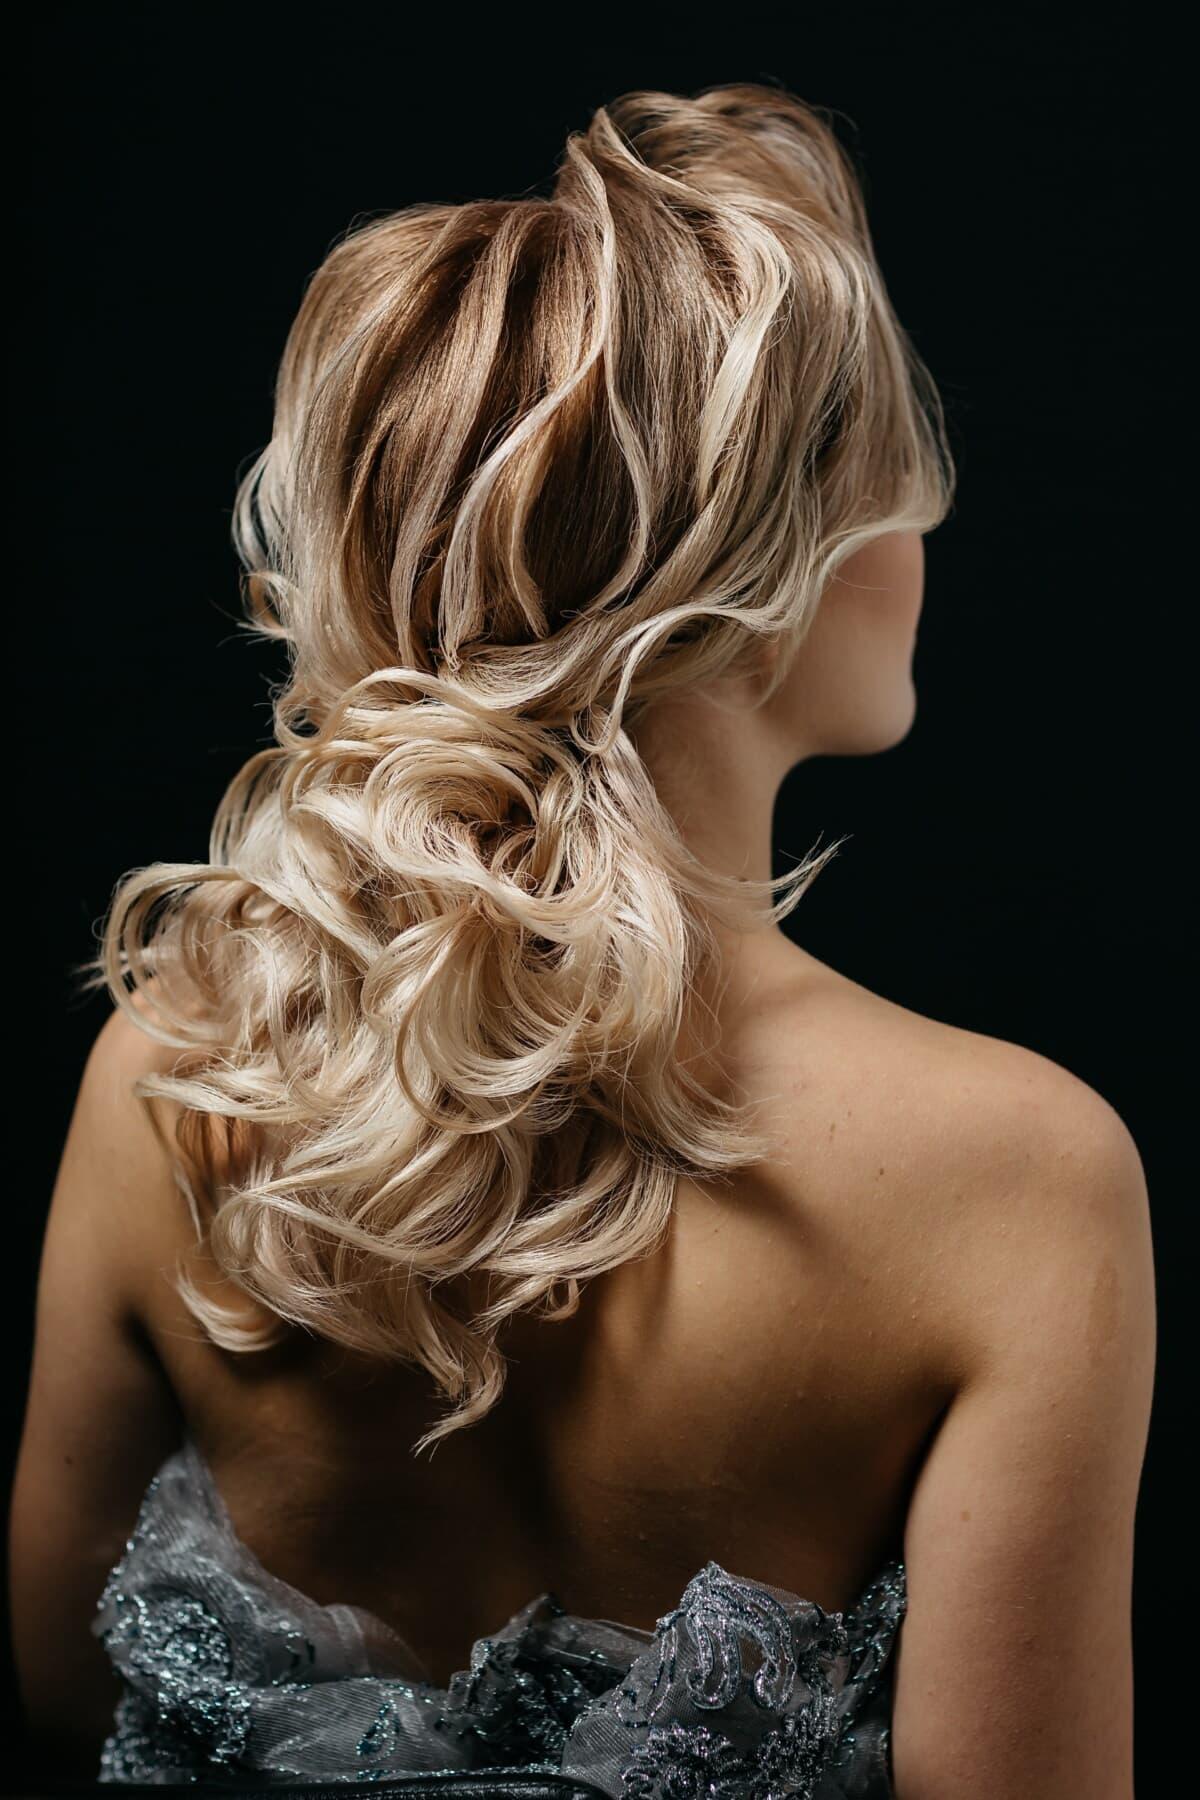 blonde, cheveux blonds, spectaculaire, coiffure, mode, charme, tenue, cheveux, portrait, postiche